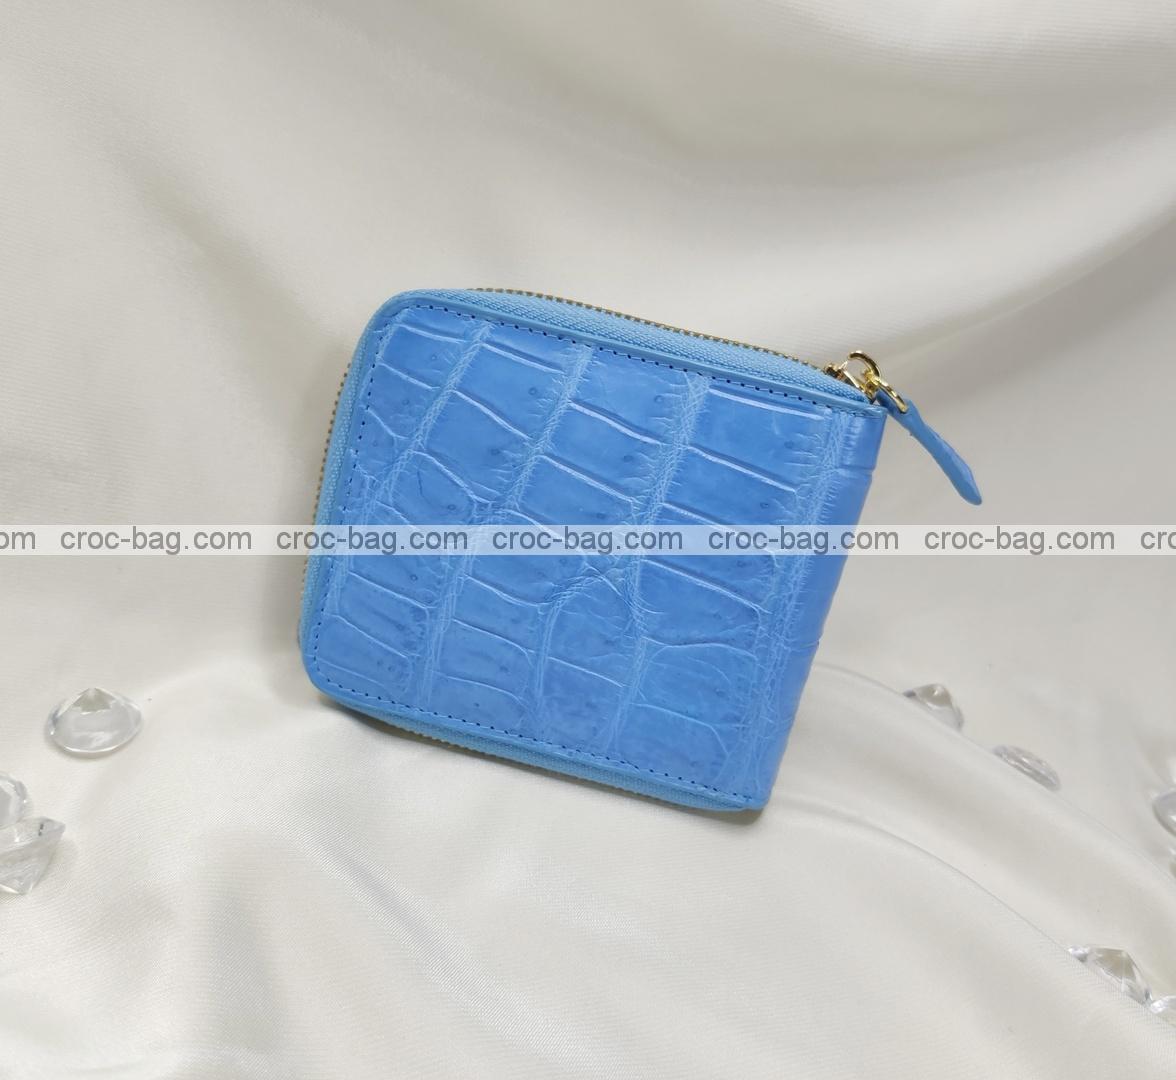 กระเป๋าหนังจระเข้สำหรับผู้หญิง 5367